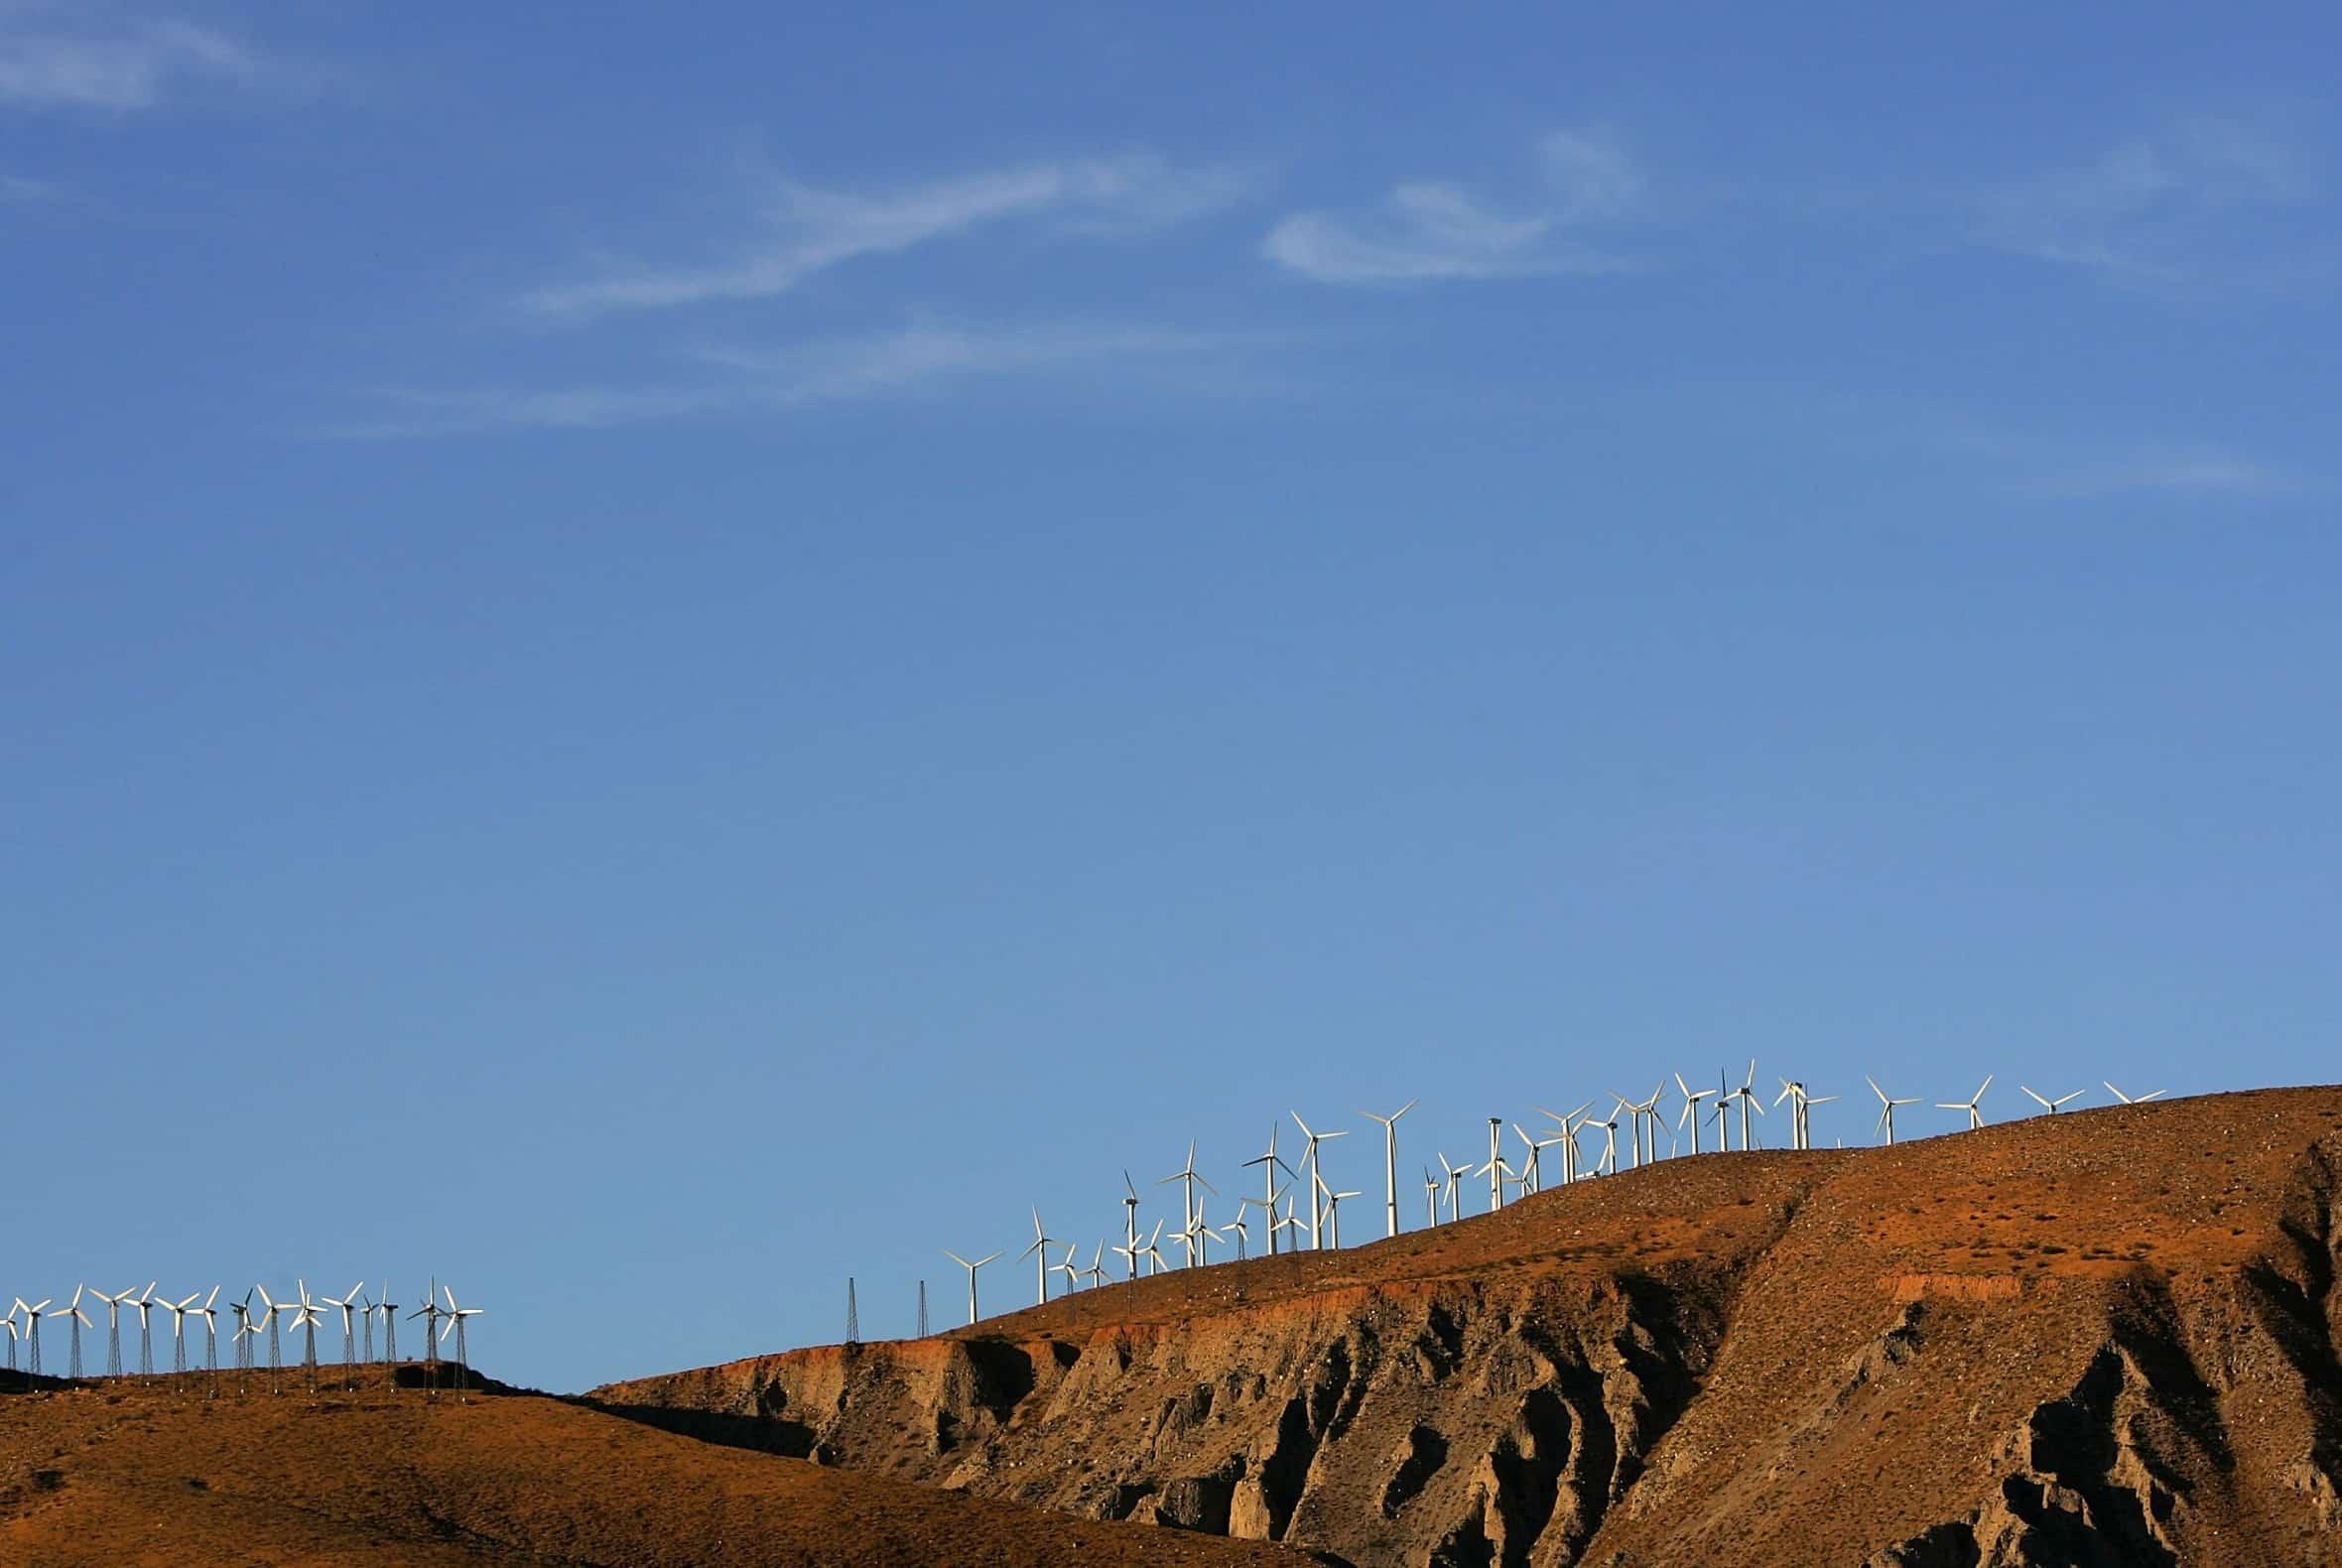 ألفابت تجري مباحثات بشأن انفصال مشروع تخزين الطاقة باستخدام الملح المصهور